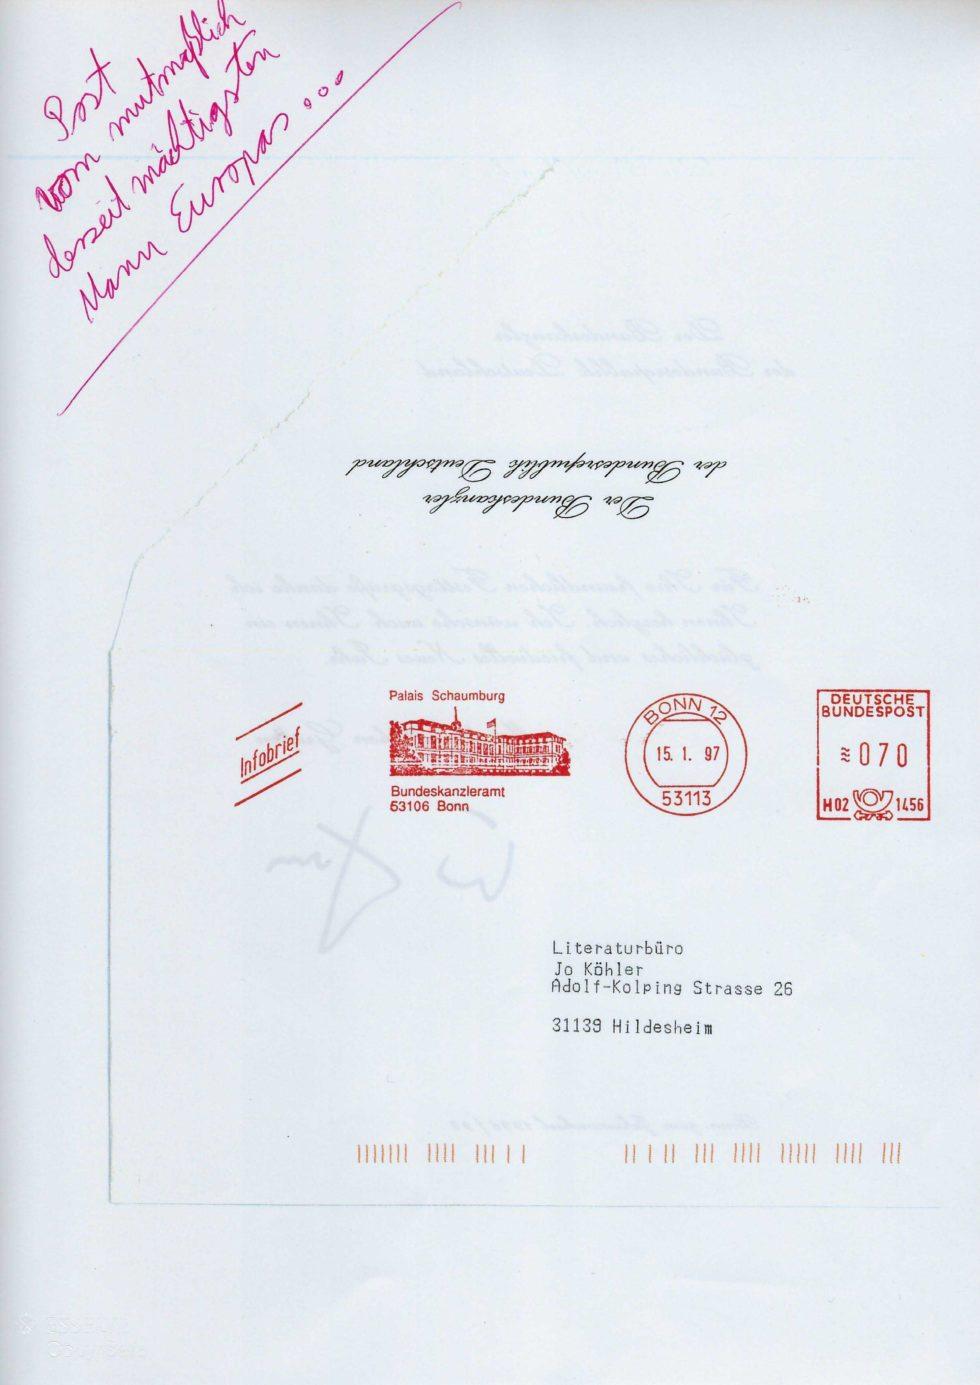 1996 Das erste große Projekt_Seite_42